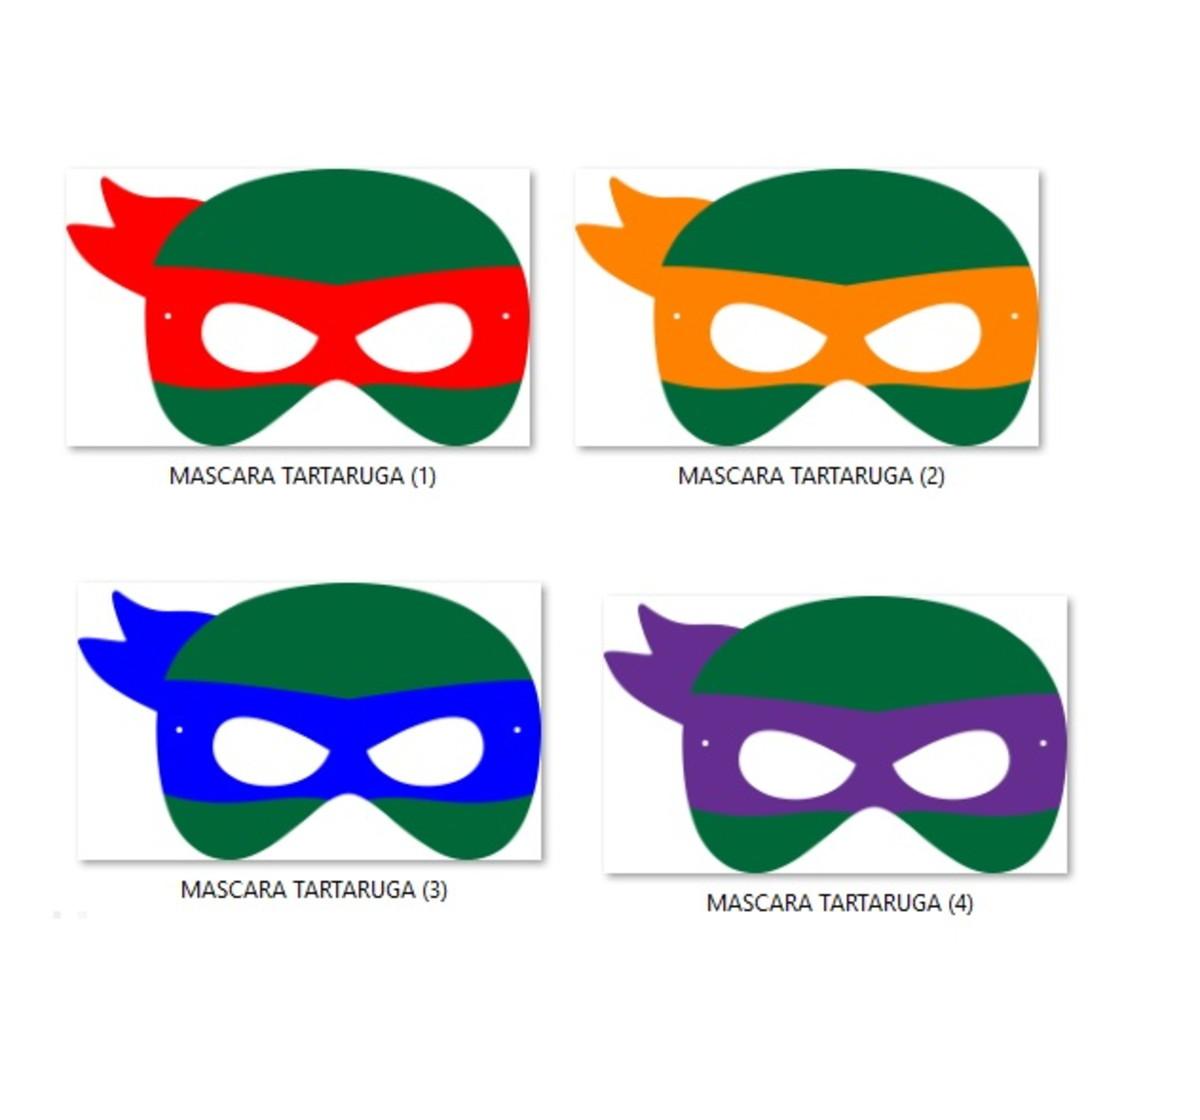 Mascara Tartaruga Ninja No Elo7 Eloarts Festejando Com